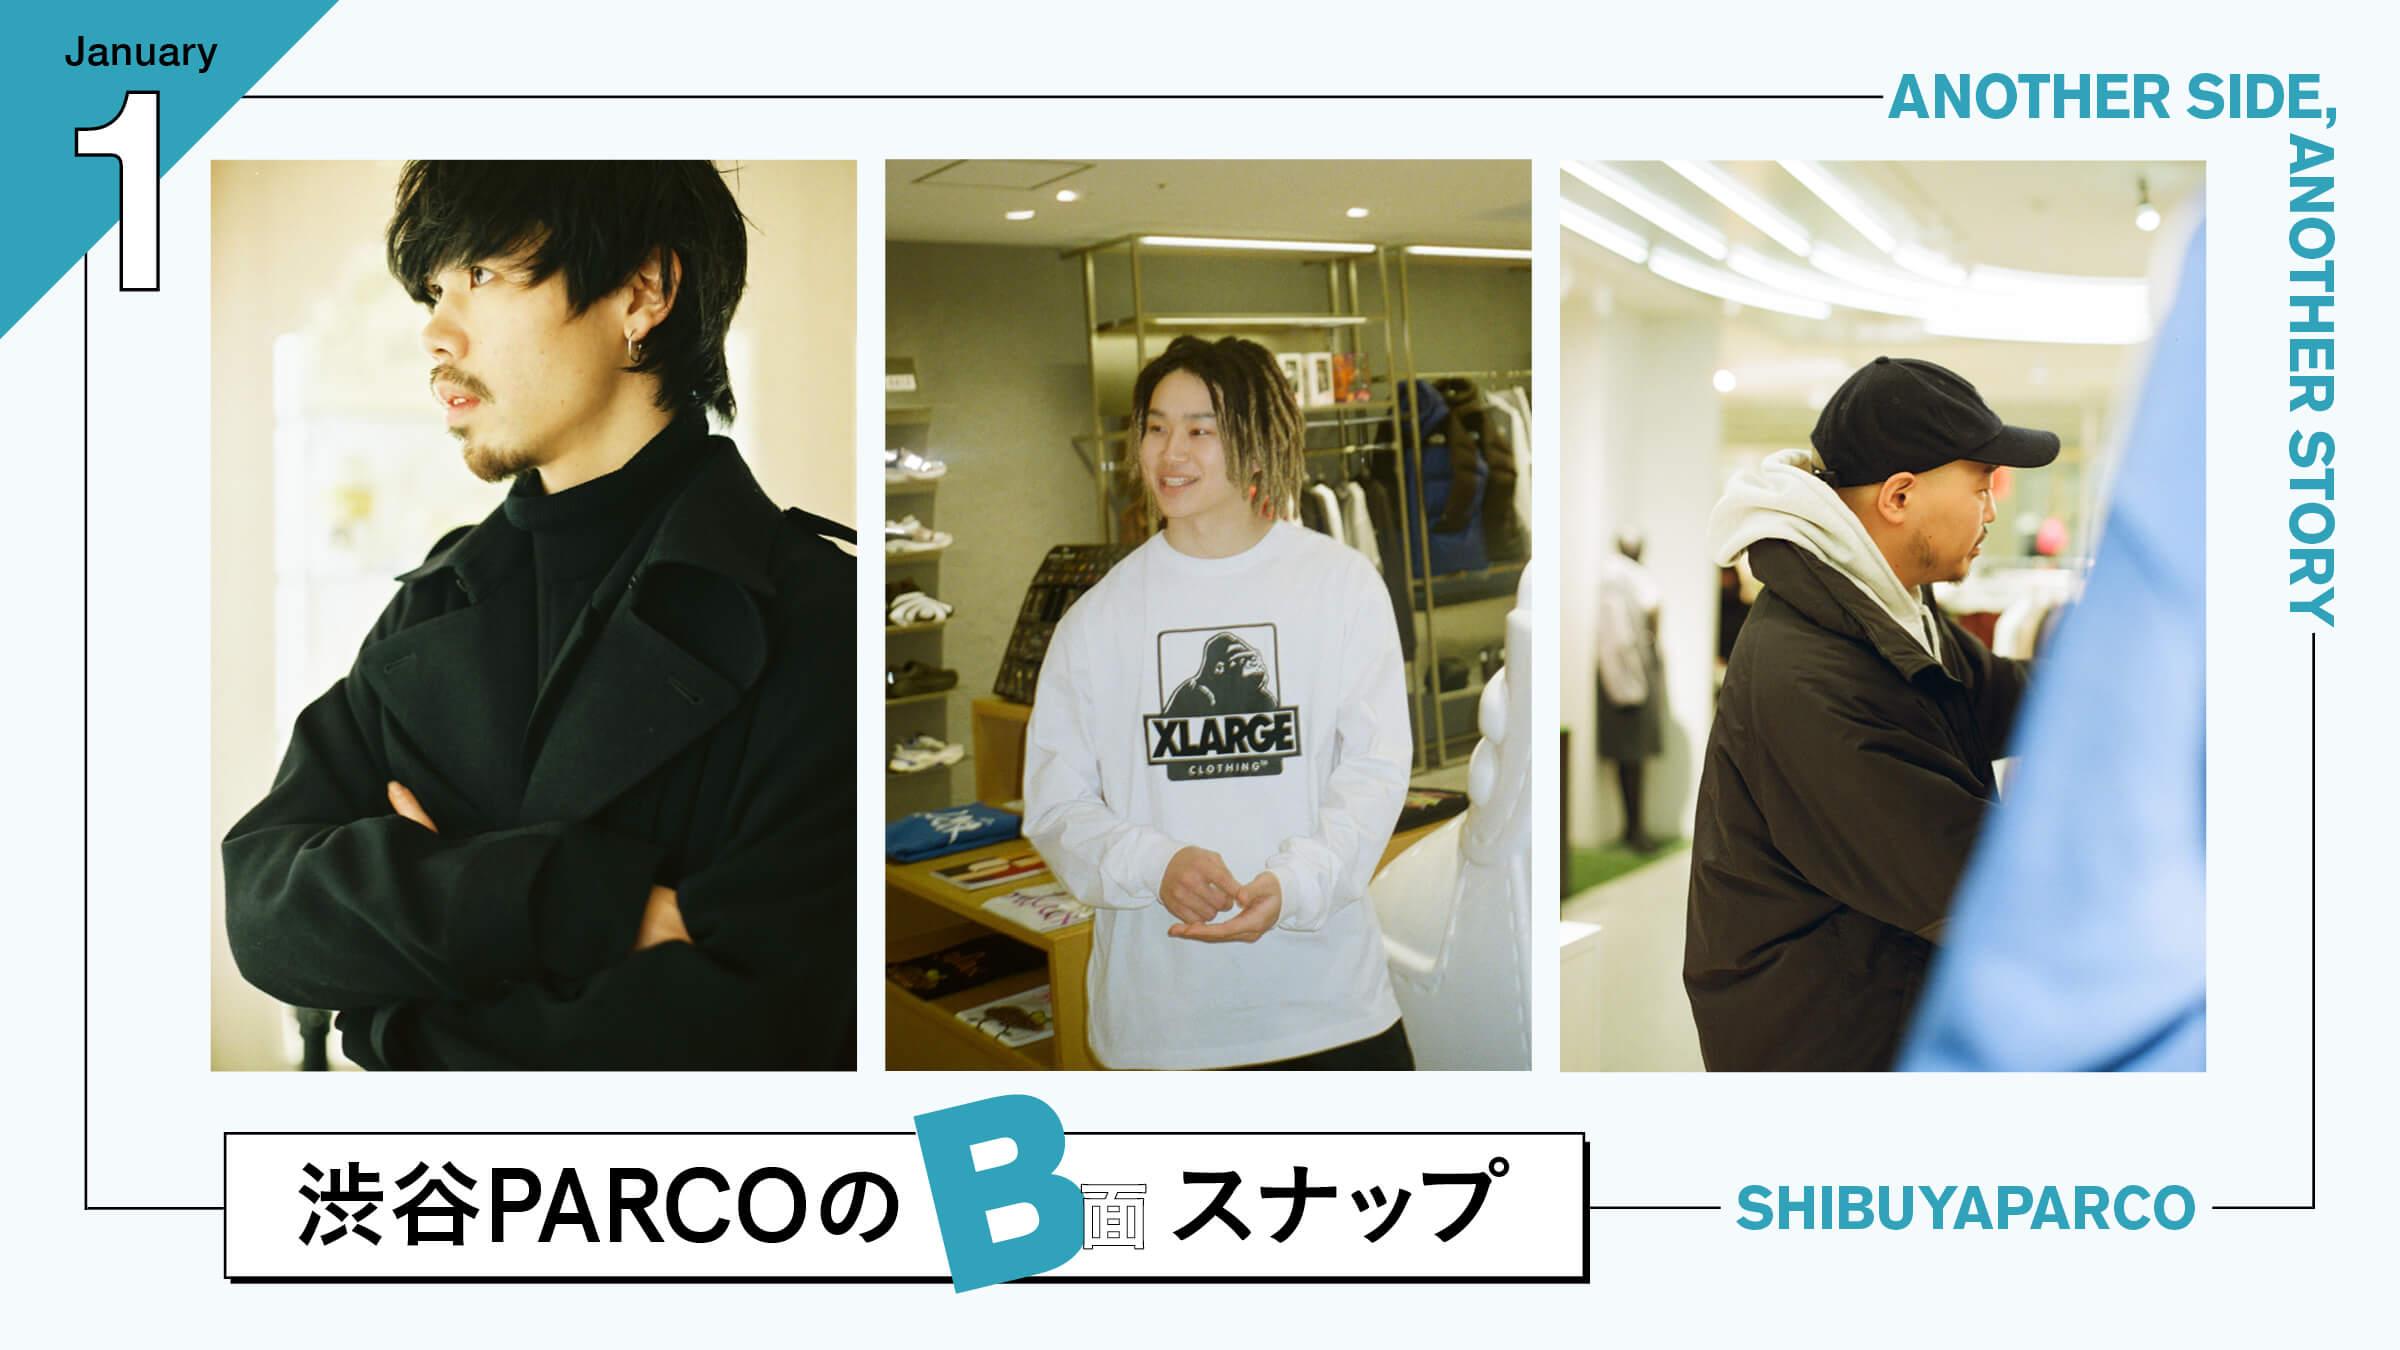 働く人ならどう遊ぶ? 渋谷PARCOのB面スナップ。〜1月編〜